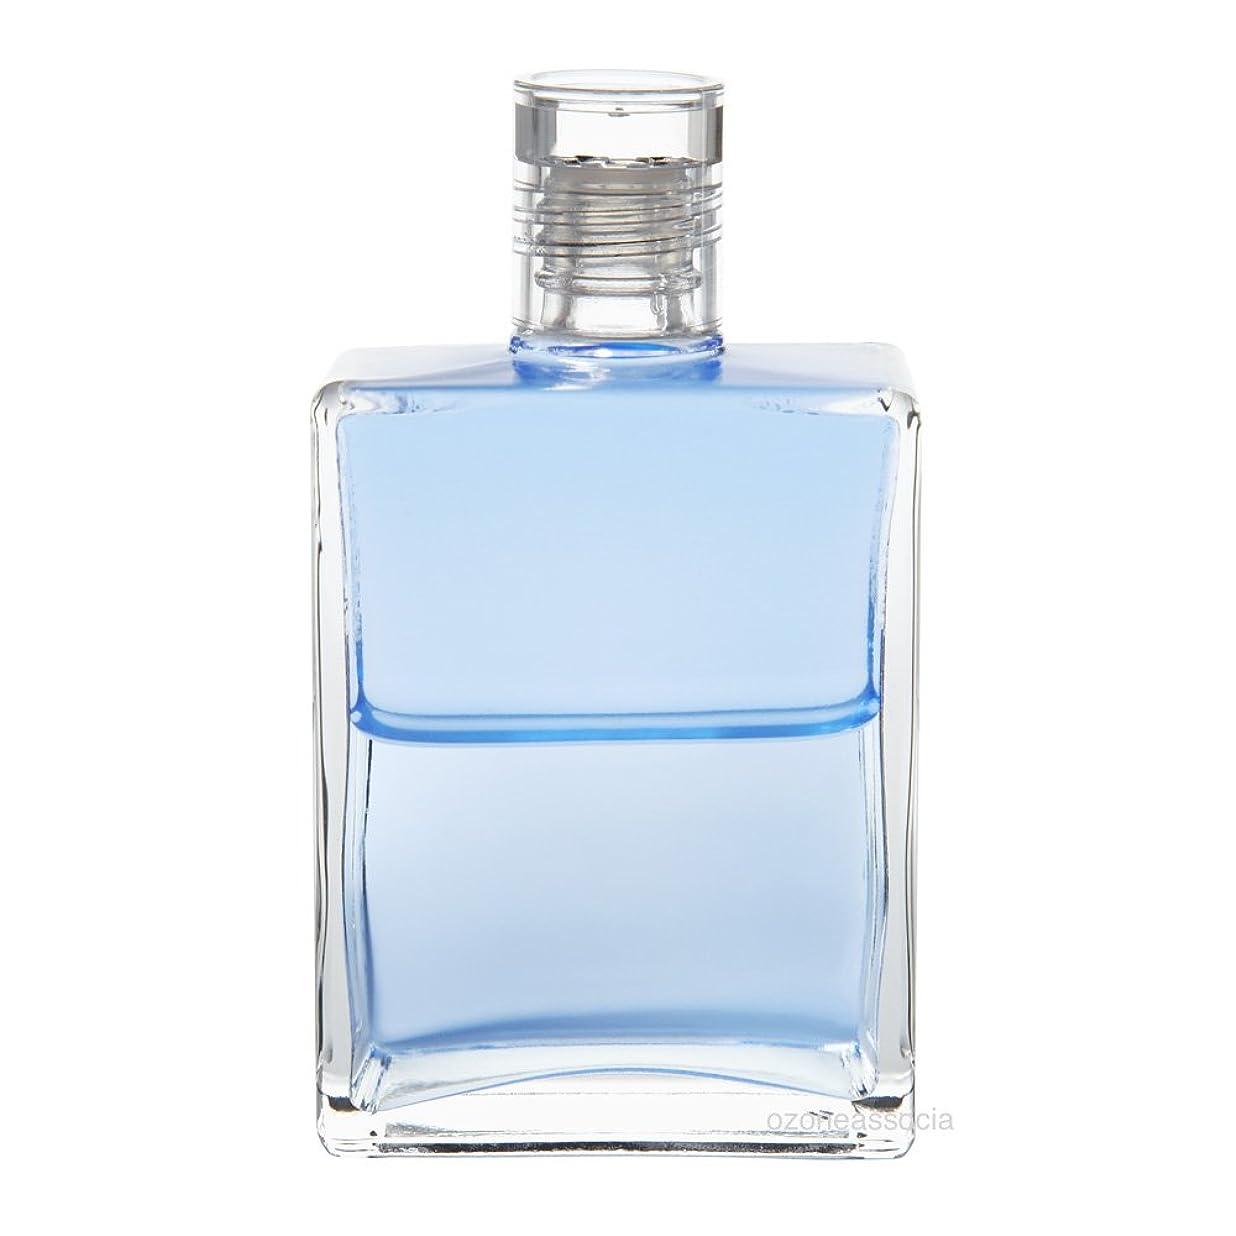 化粧現象忙しいオーラソーマ ボトル 50番  エルモリヤ (ペールブルー/ペールブルー) イクイリブリアムボトル50ml Aurasoma